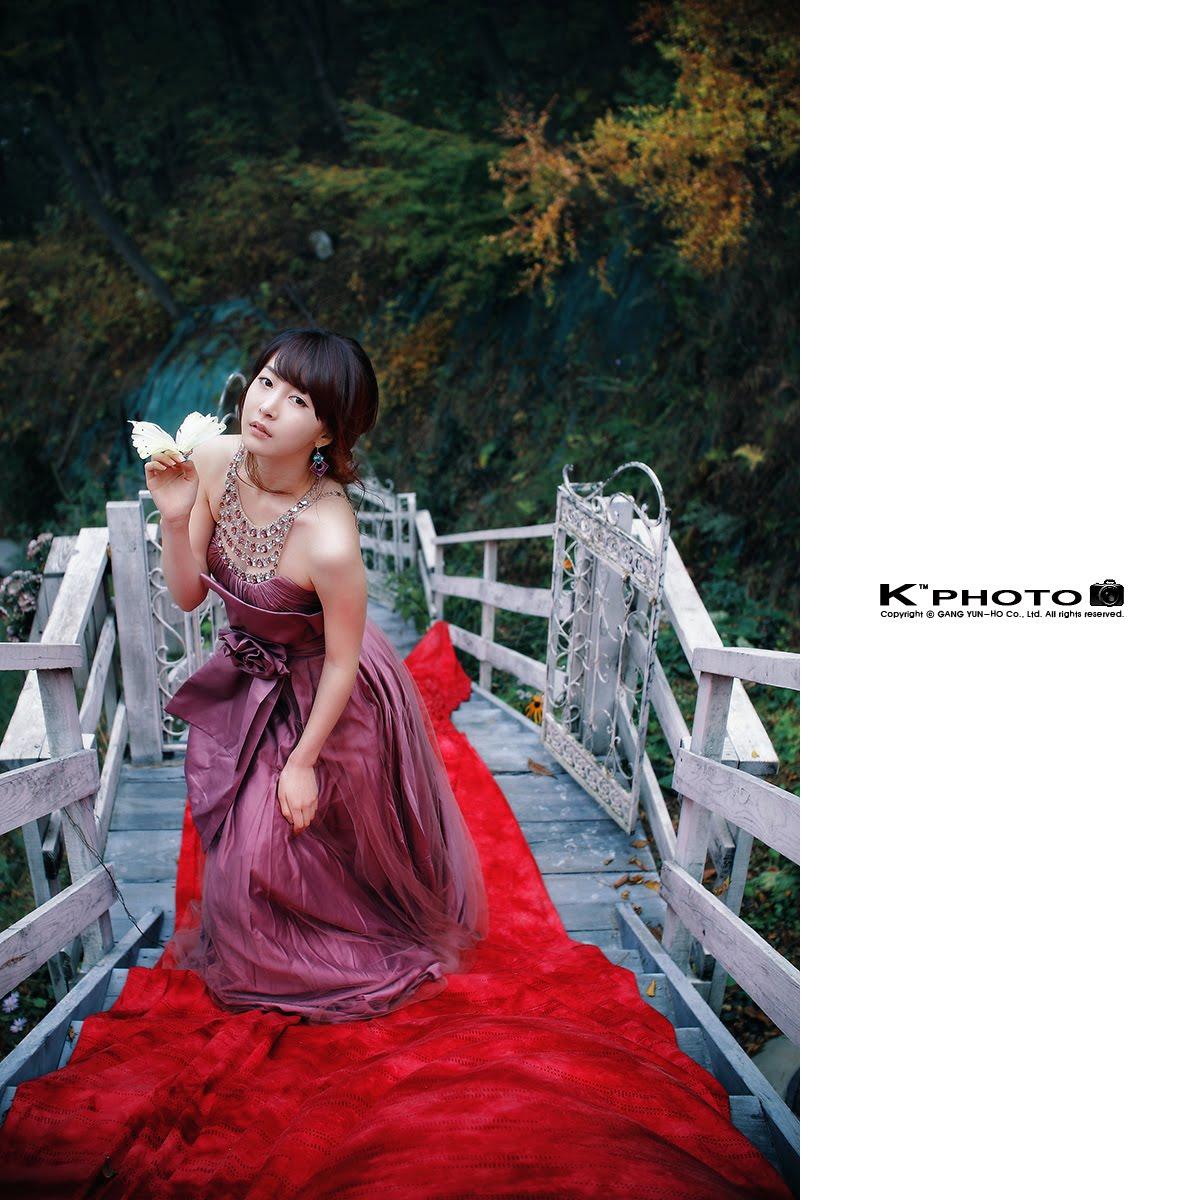 独木桥 (dú mù qiáo) - Lone bridge 无限的恨悠悠 (wú xiàn dí hèn yōu yōu) - Non ending of continued hatred 你丢下我就走 (nǐ diū xià wǒ jiù zǒu) - You abandon me and left